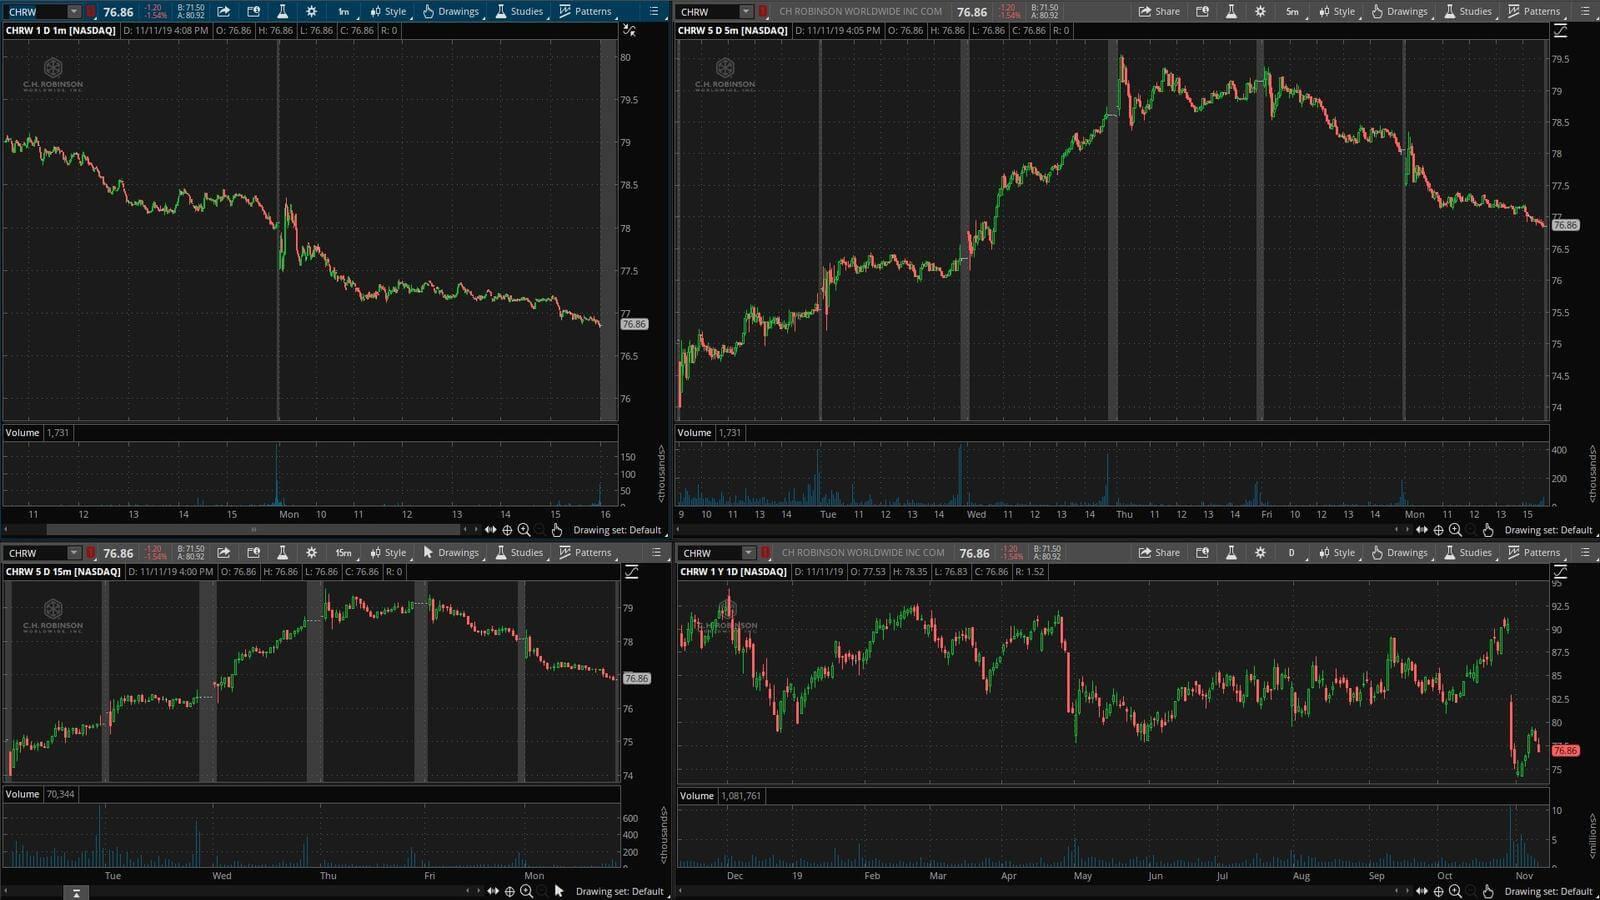 CHRW - график акции на фондовой бирже